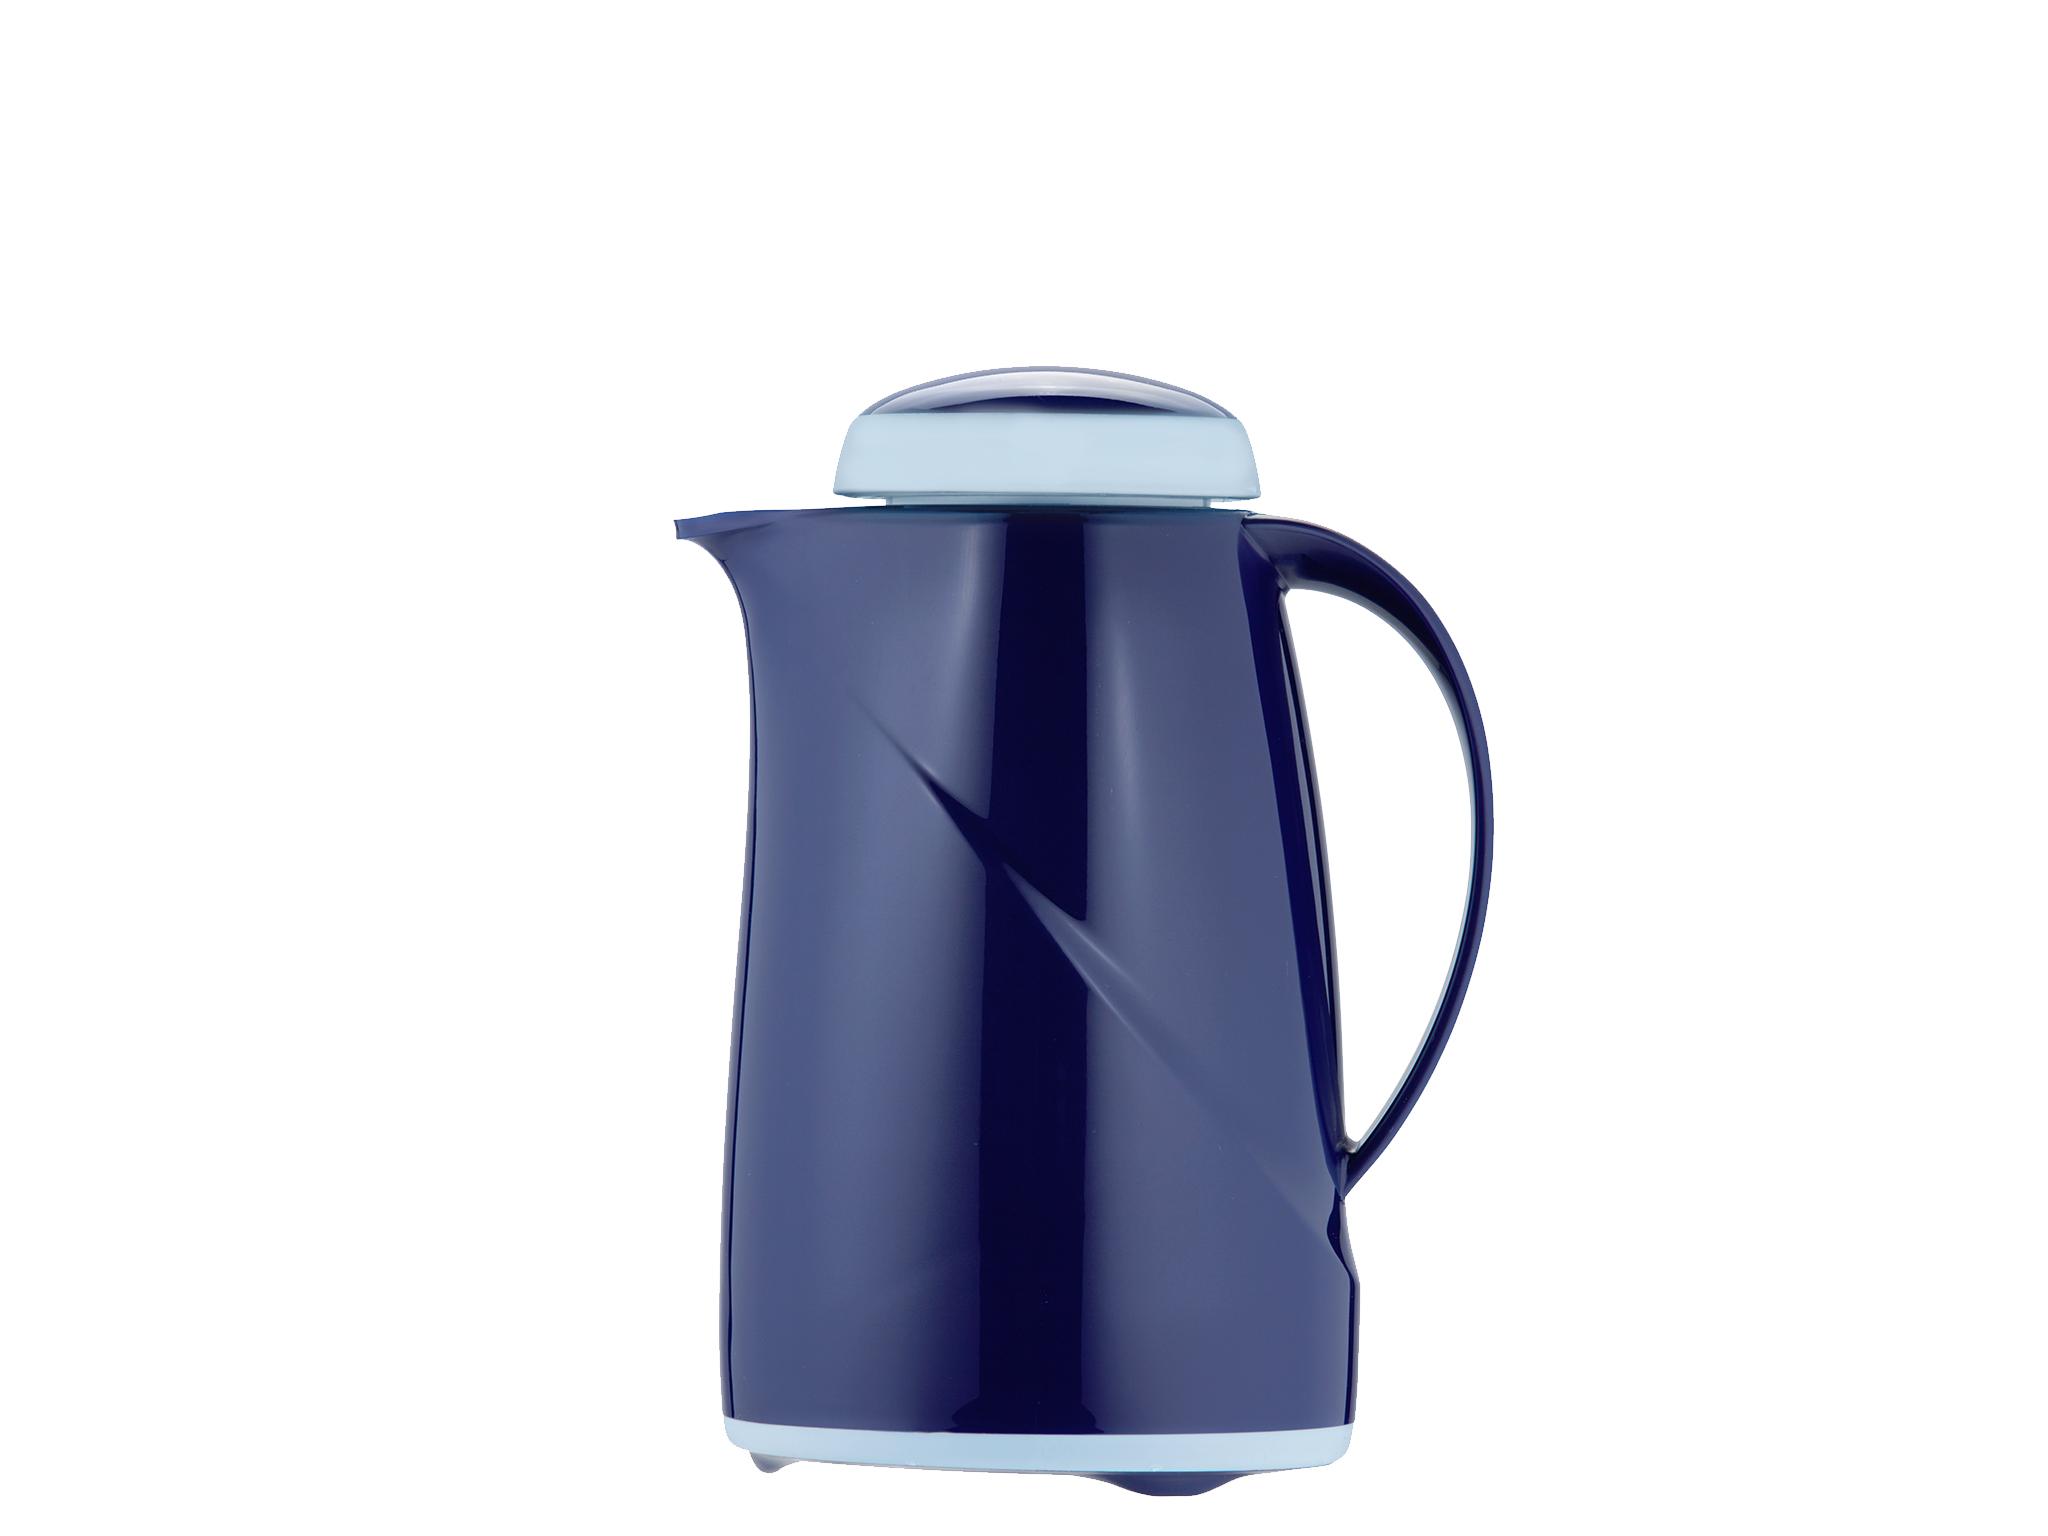 2942-008 - Vacuum carafe blue 0.6 L WAVE MINI - Helios